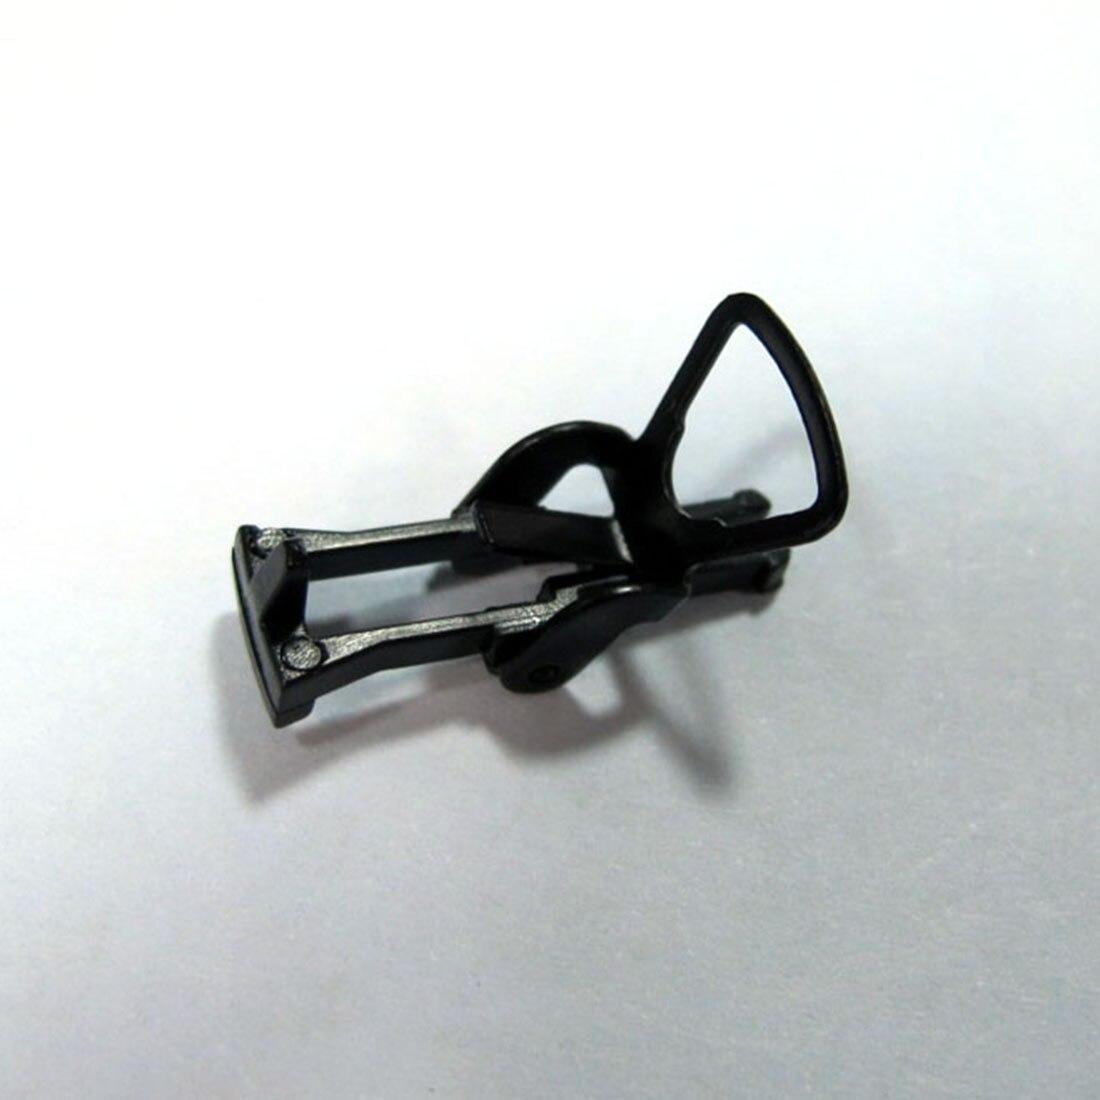 de areia decoração modelo kits de construção-preto